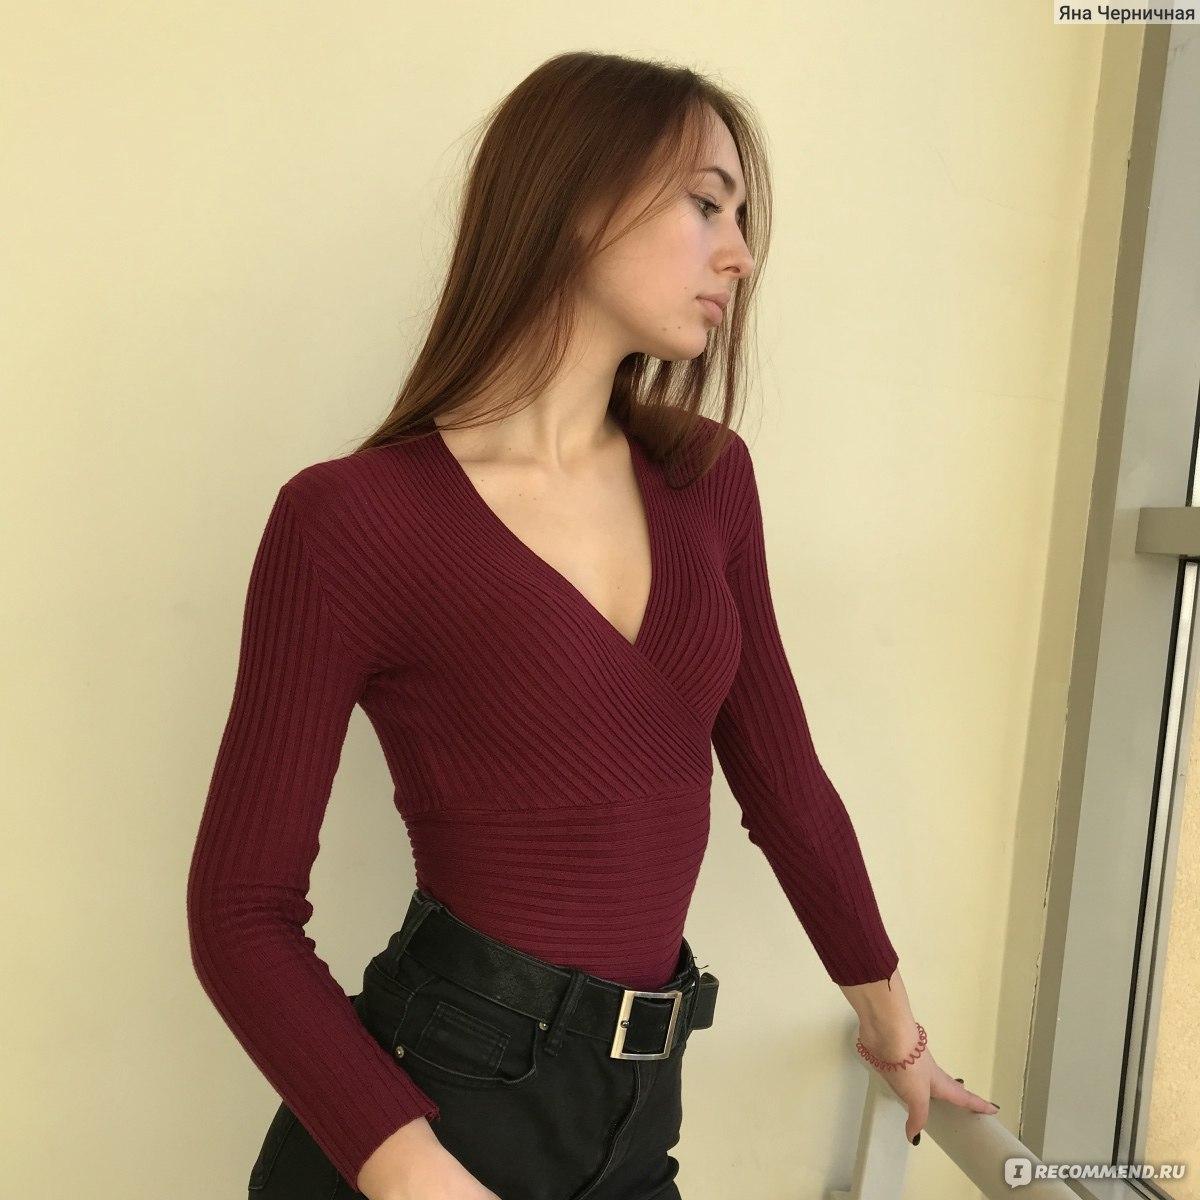 ветром сдует? худые женщины порно онлайн эта замечательная мысль придется